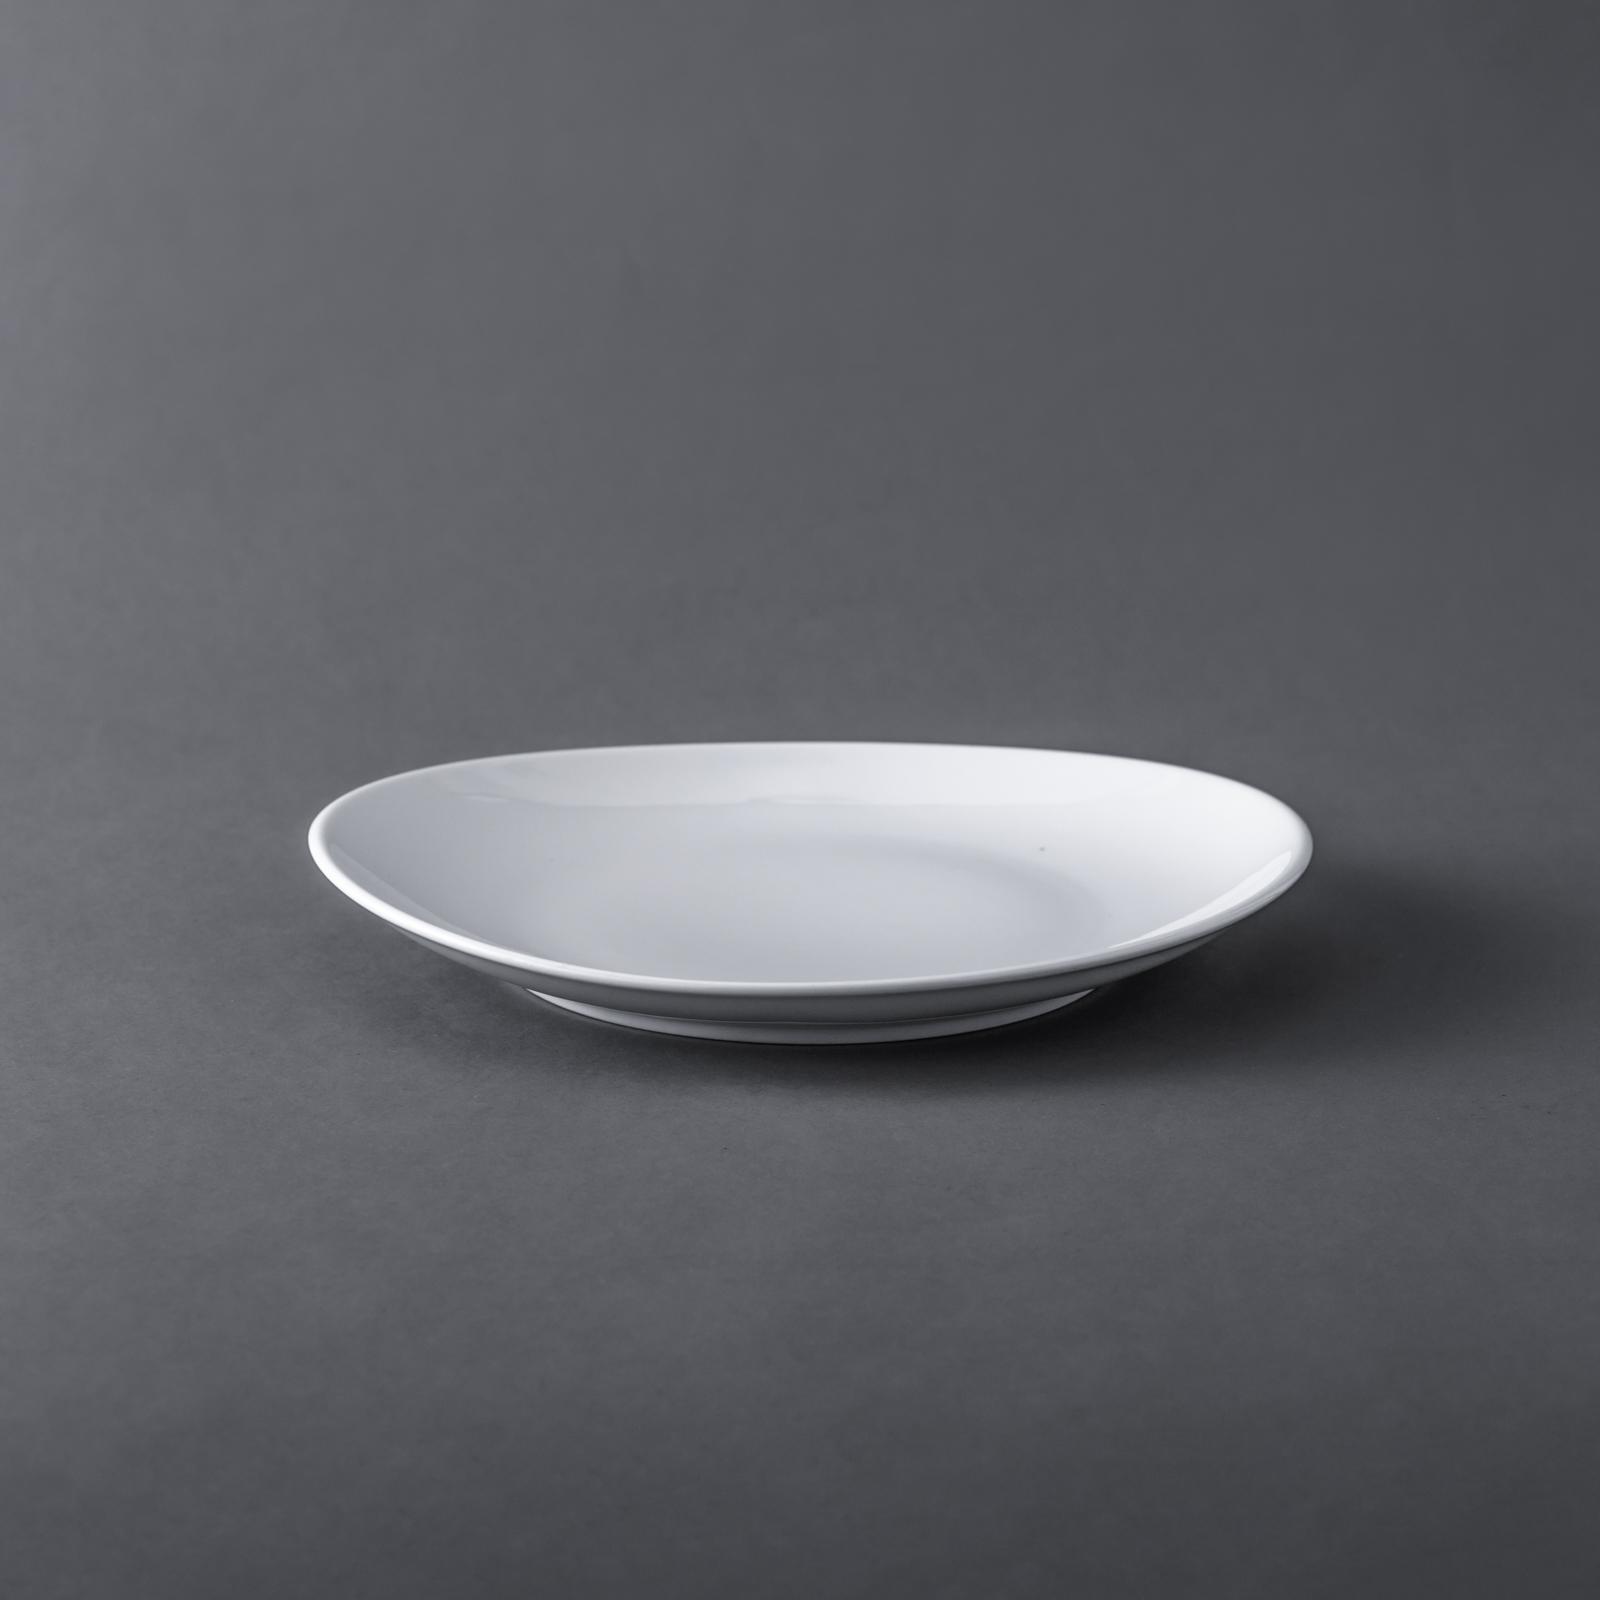 PILLIVUYT _ オーバル ステーキプレート 29.5×25.5cm